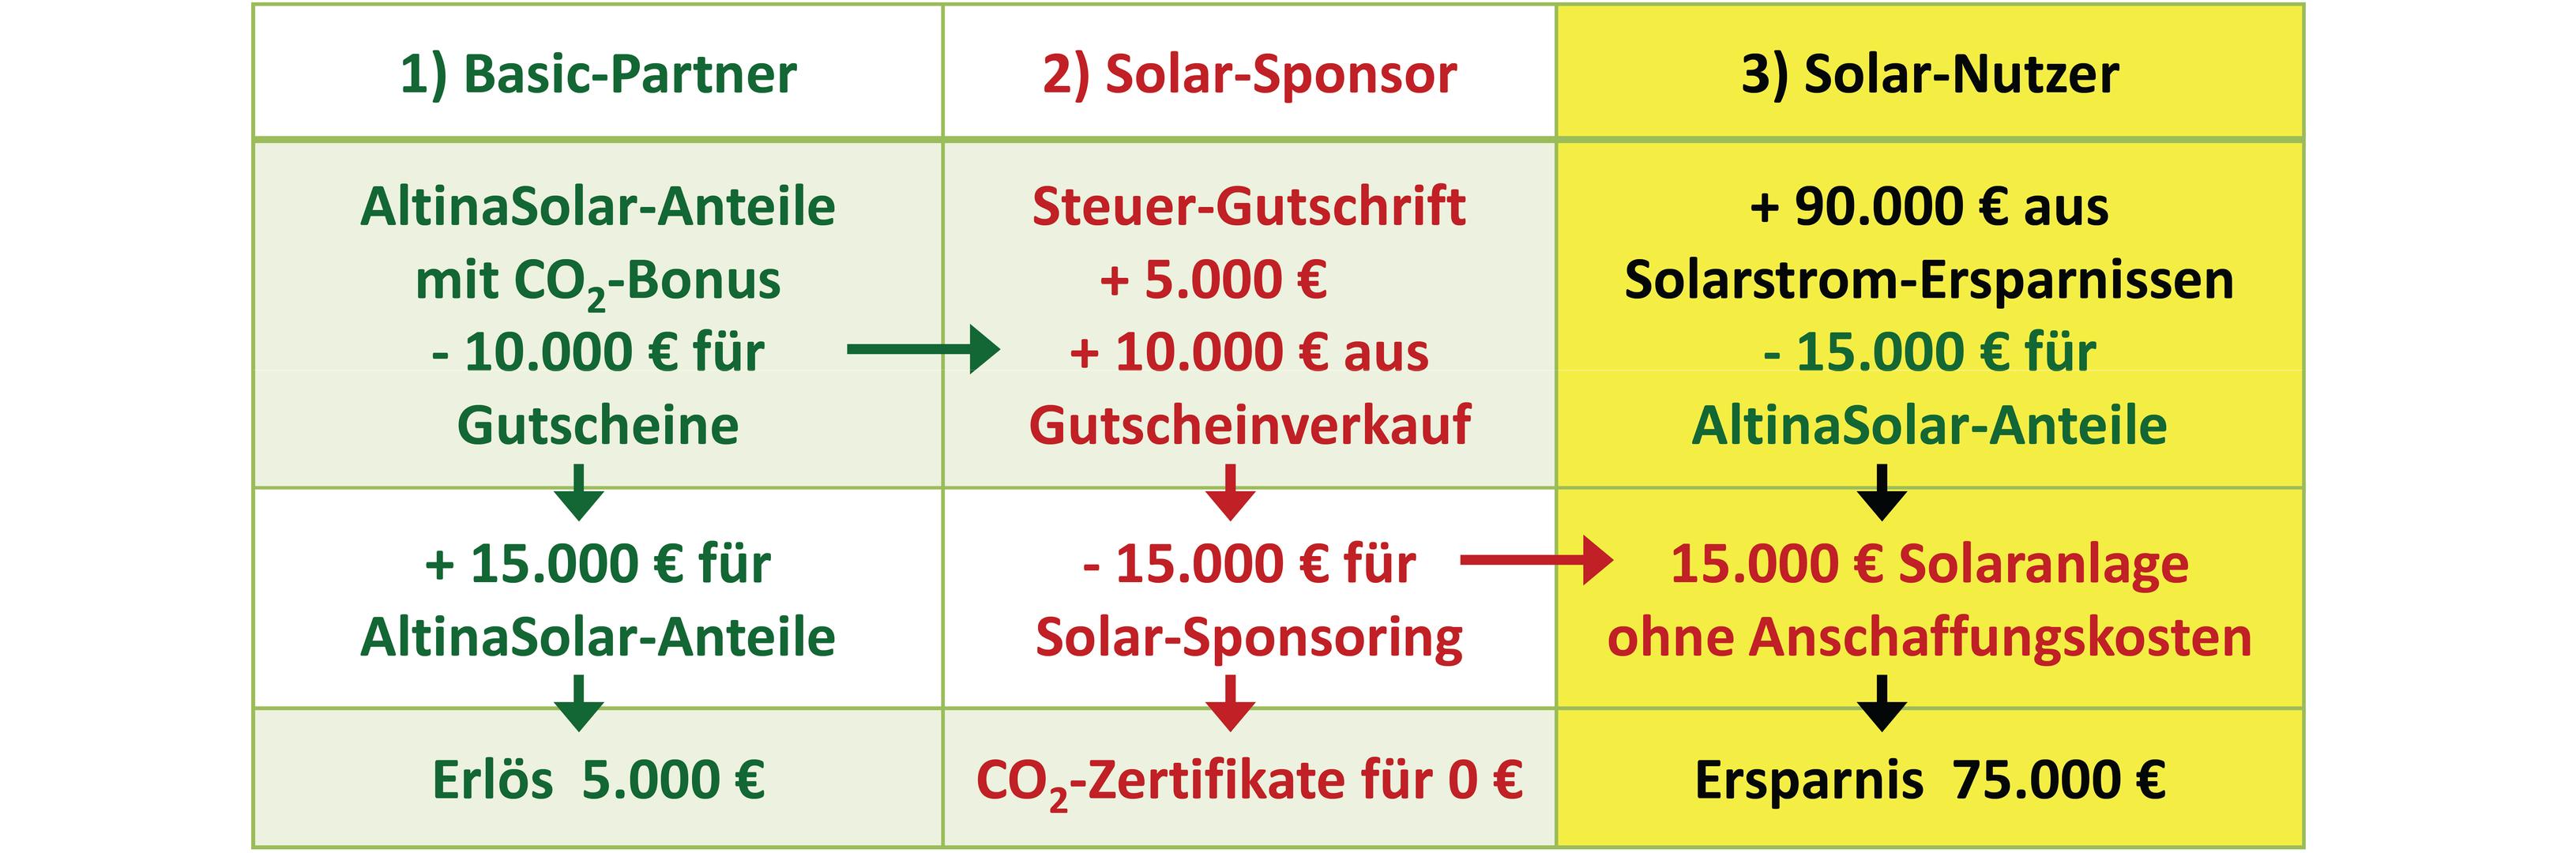 Nutzende Mitglieder - Solar-Nutzer